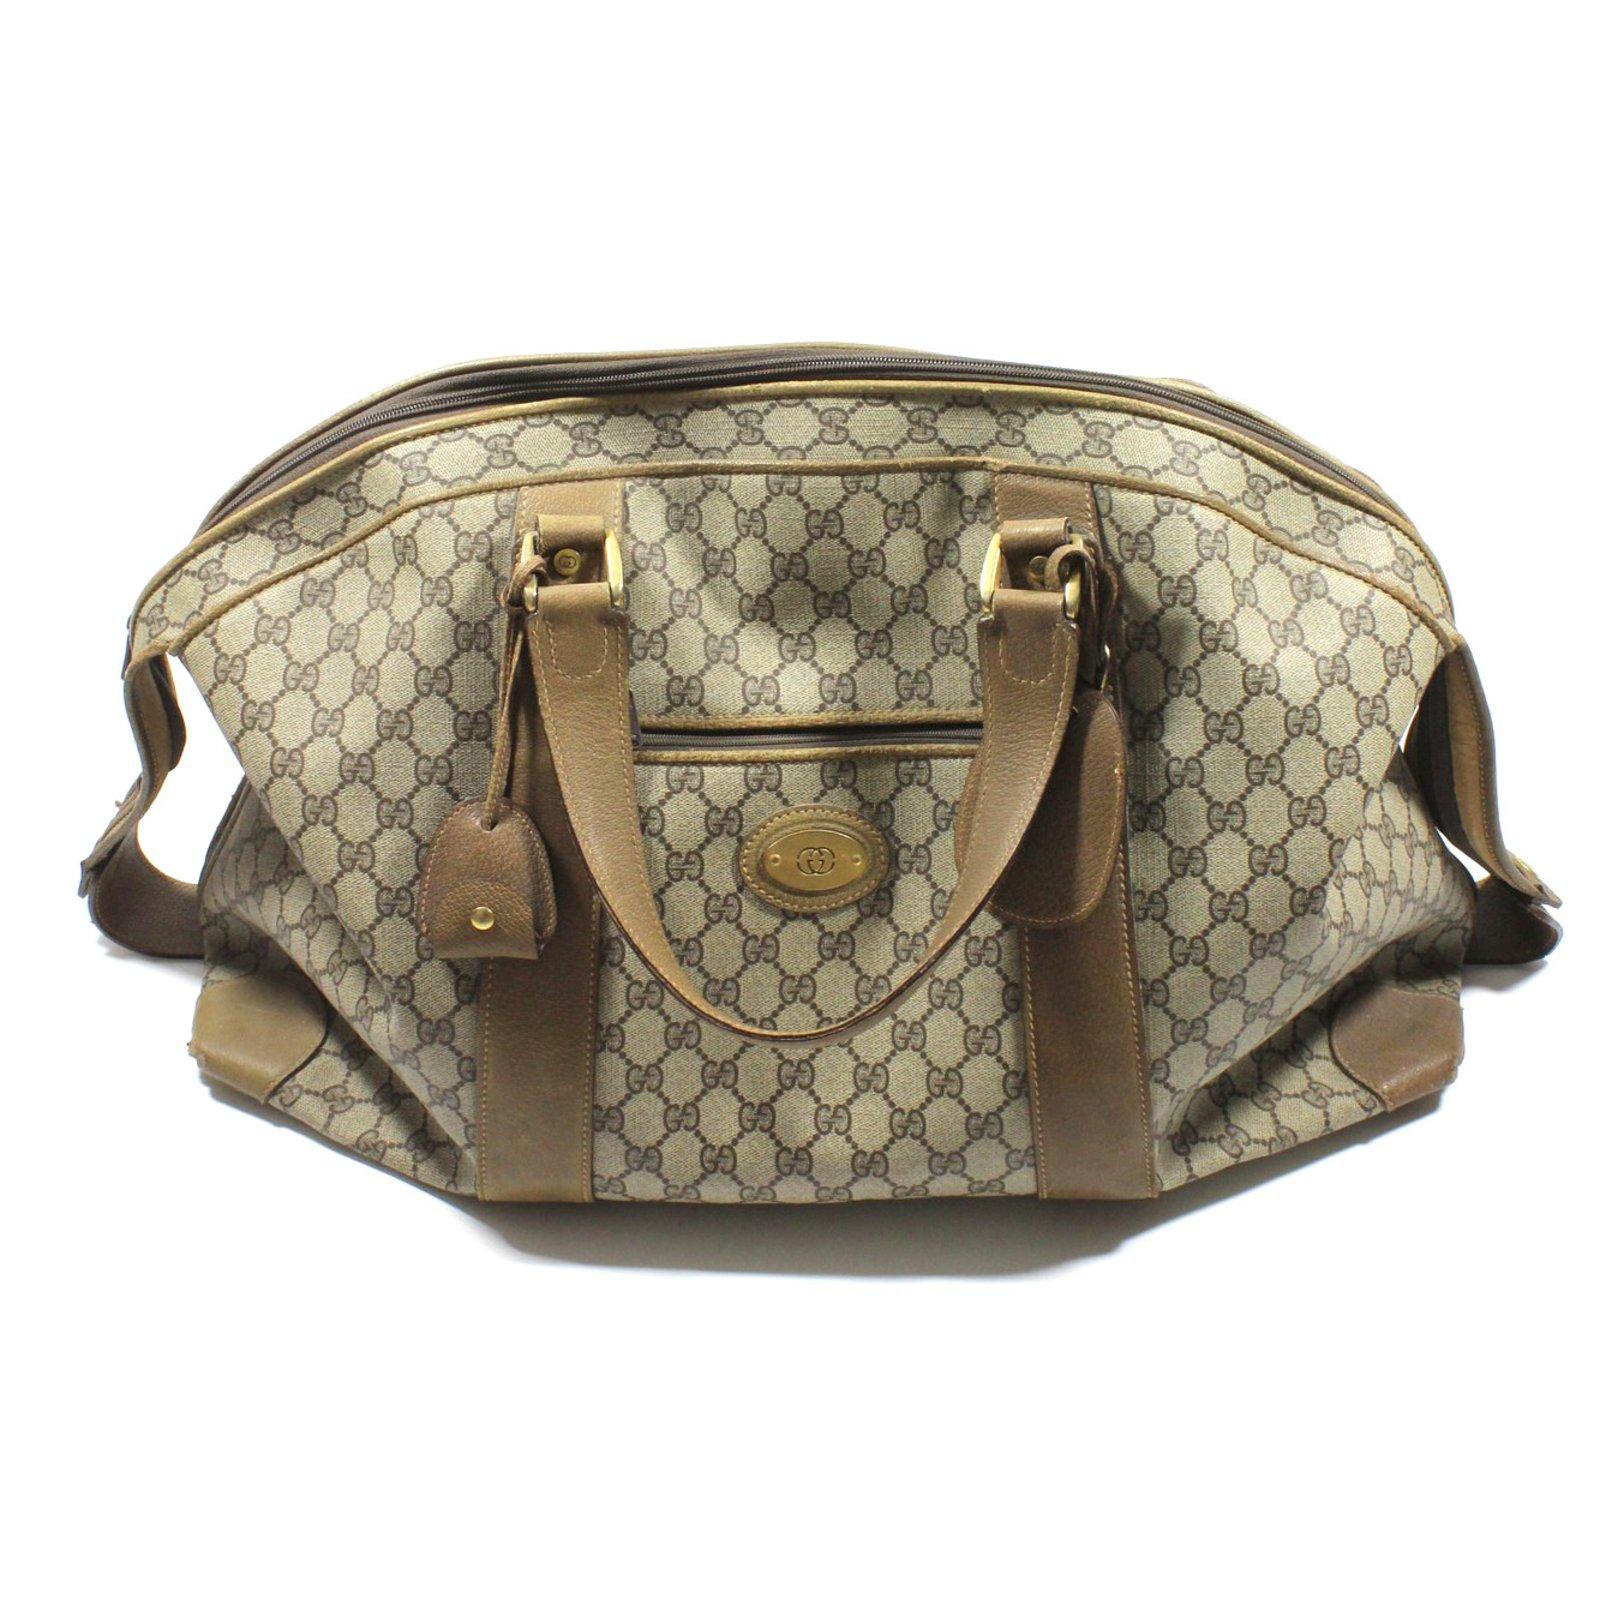 5beac0ac0e63 Gucci Travel bag Travel bag Cloth Beige ref.21216 - Joli Closet